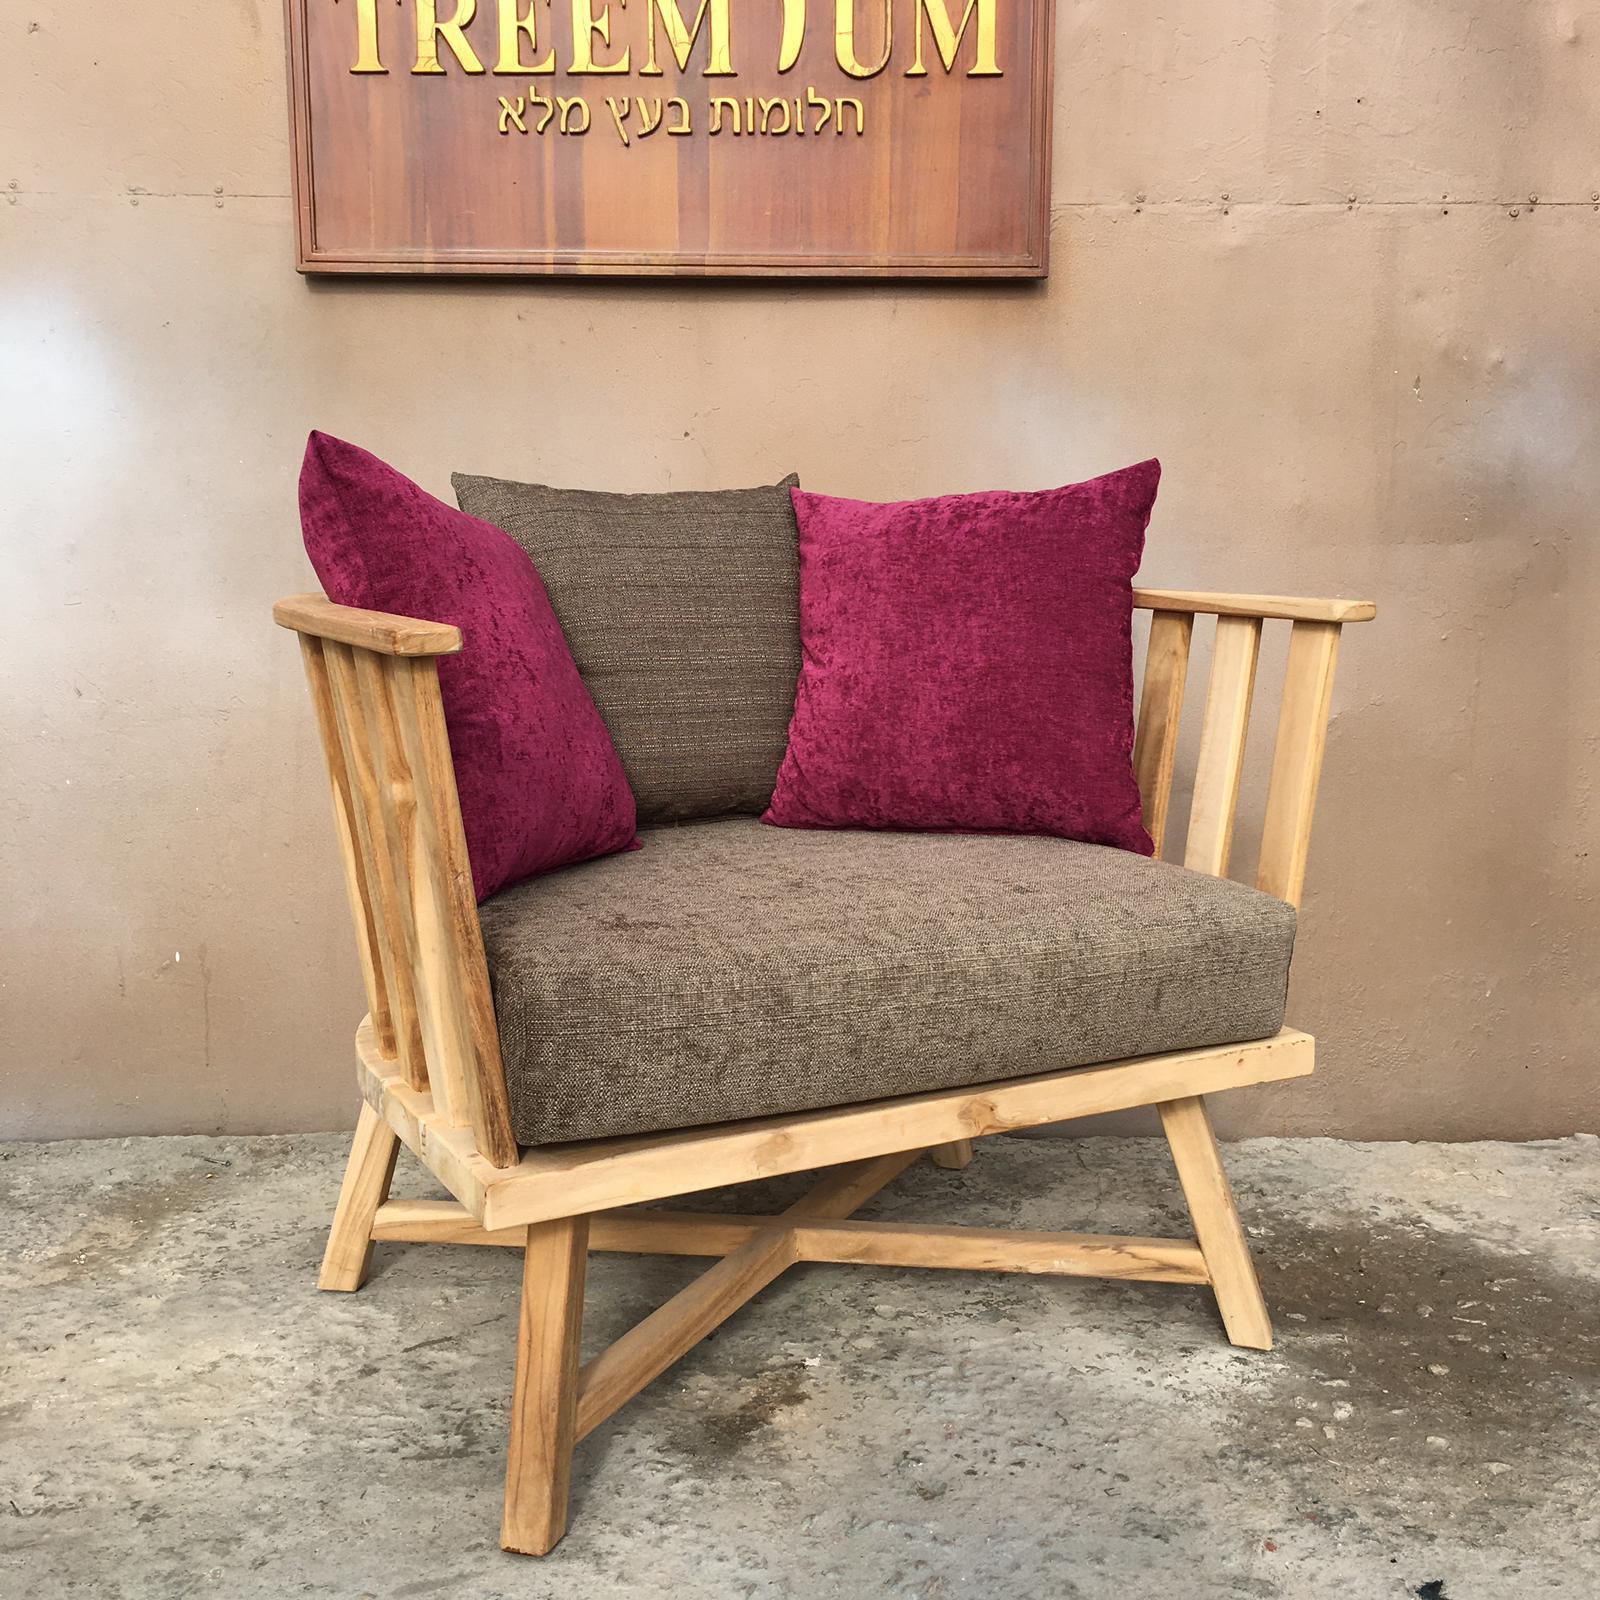 crs ord.2278 treemium teak wood